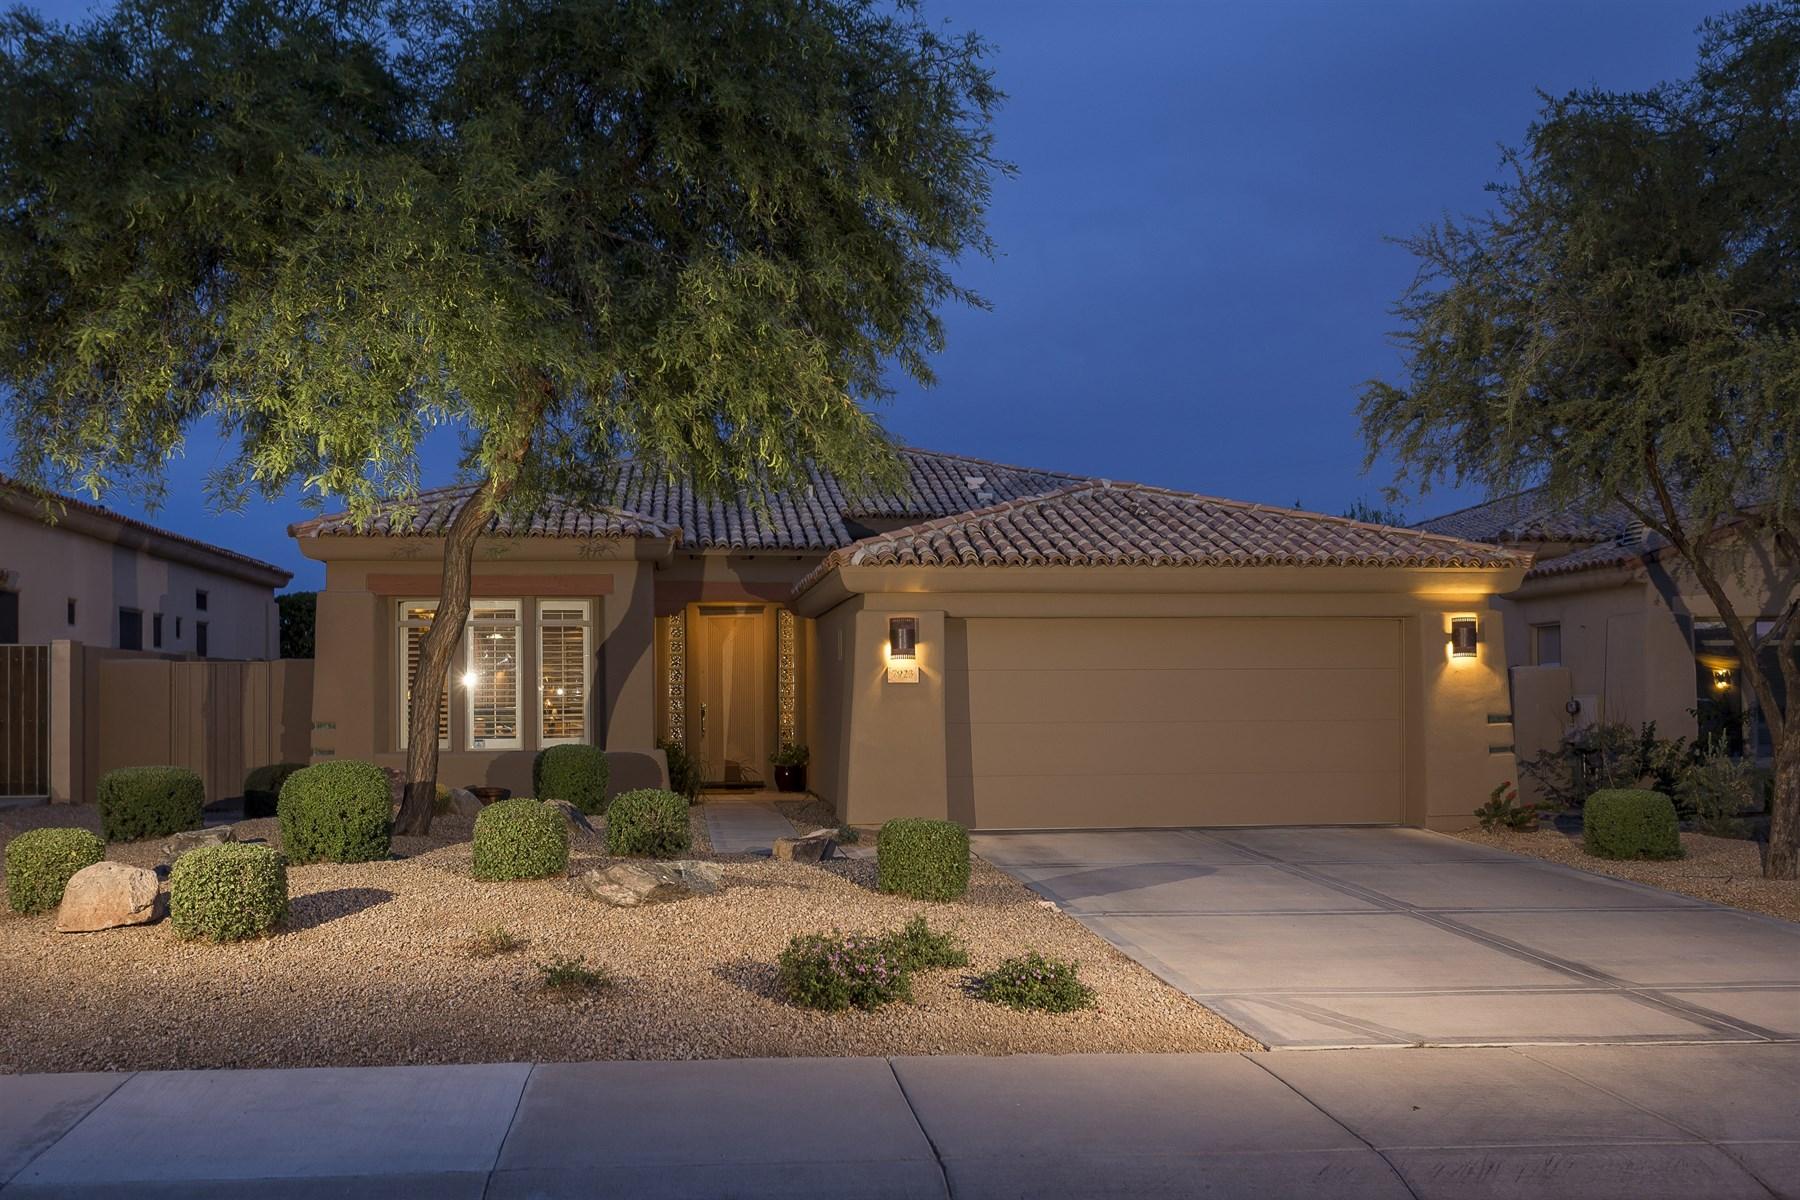 Nhà ở một gia đình vì Bán tại Beautifully Updated Home in Grayhawk's Guard Gated Raptor Retreat 7923 E Feathersong Ln Scottsdale, Arizona 85255 Hoa Kỳ